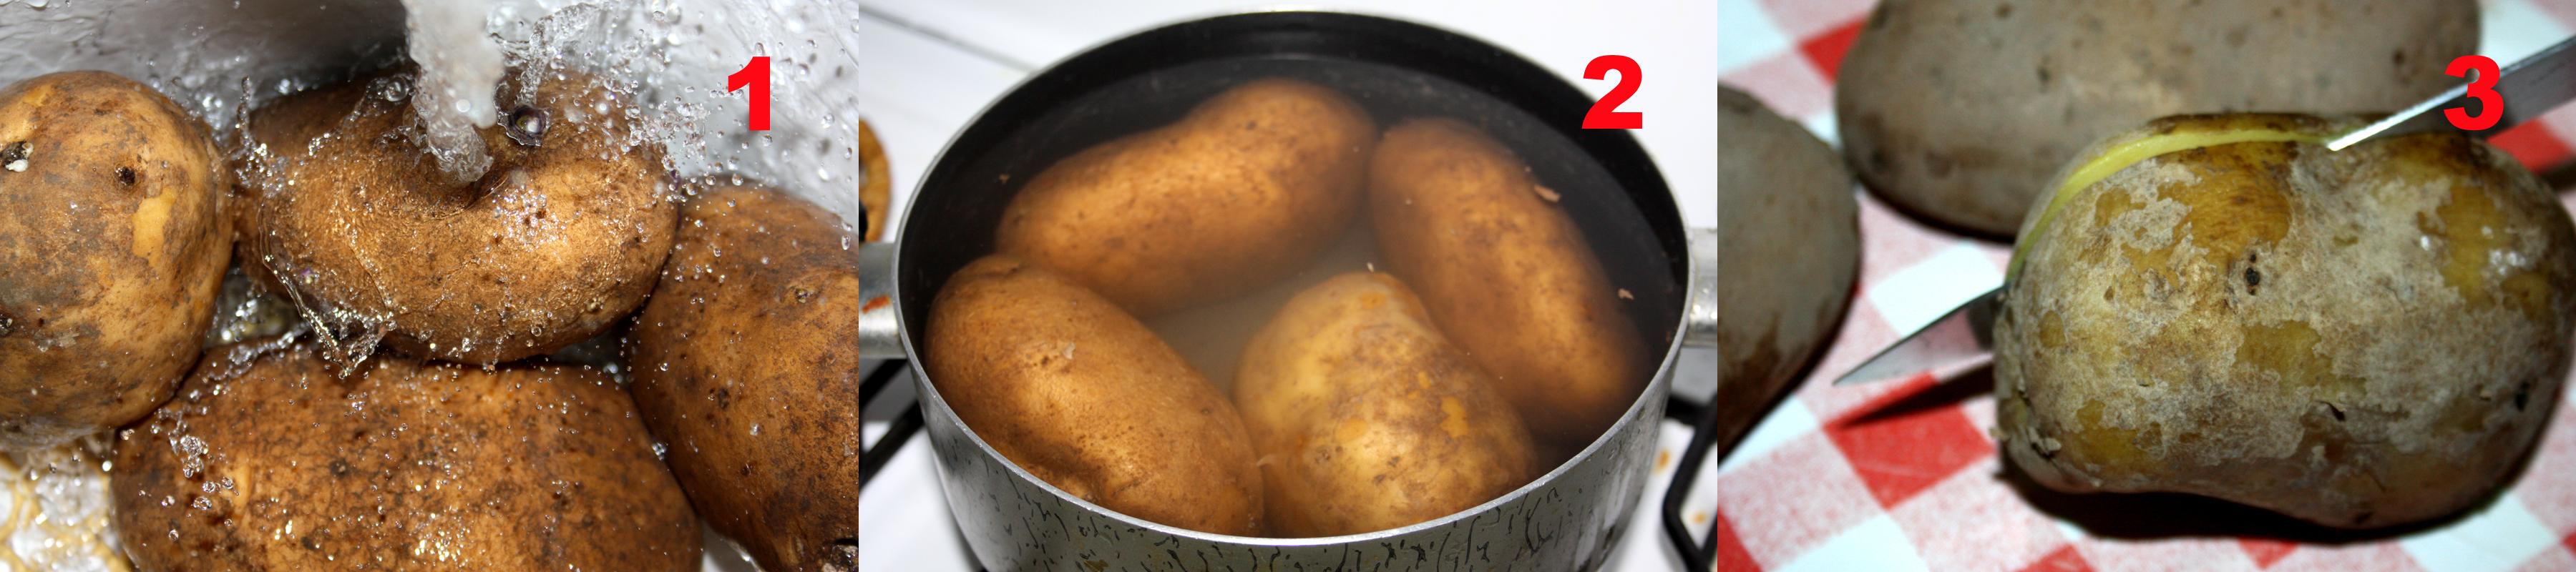 Patate cotte al forno con sorpresa.